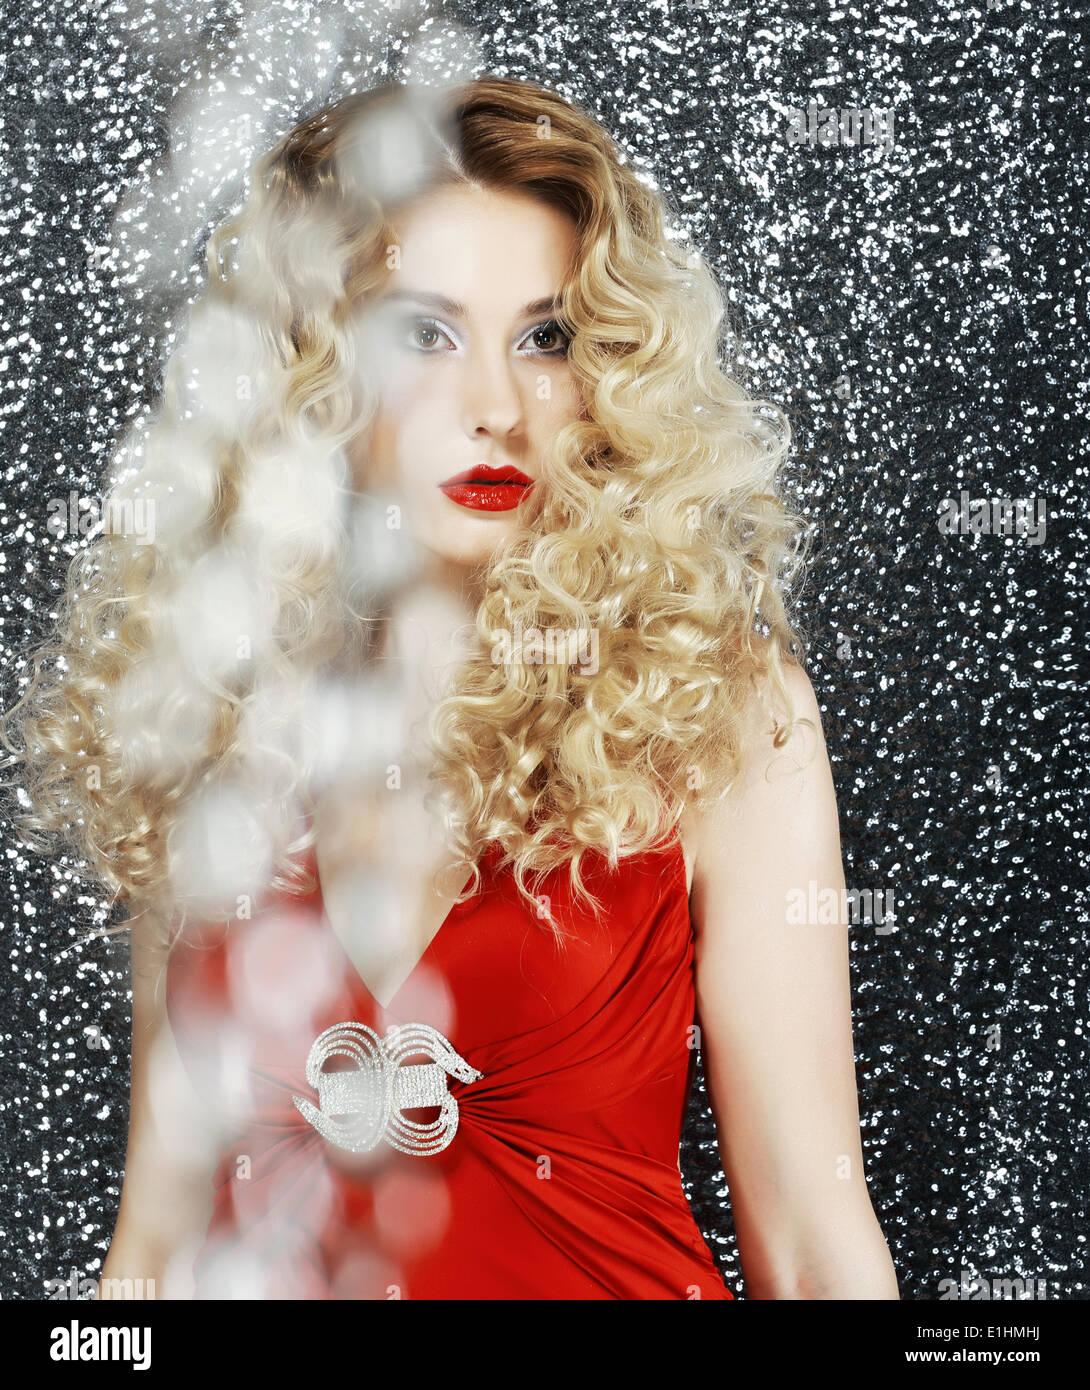 Allure. Glänzende stilvolle Frau - Glitter. Magnetismus Stockbild